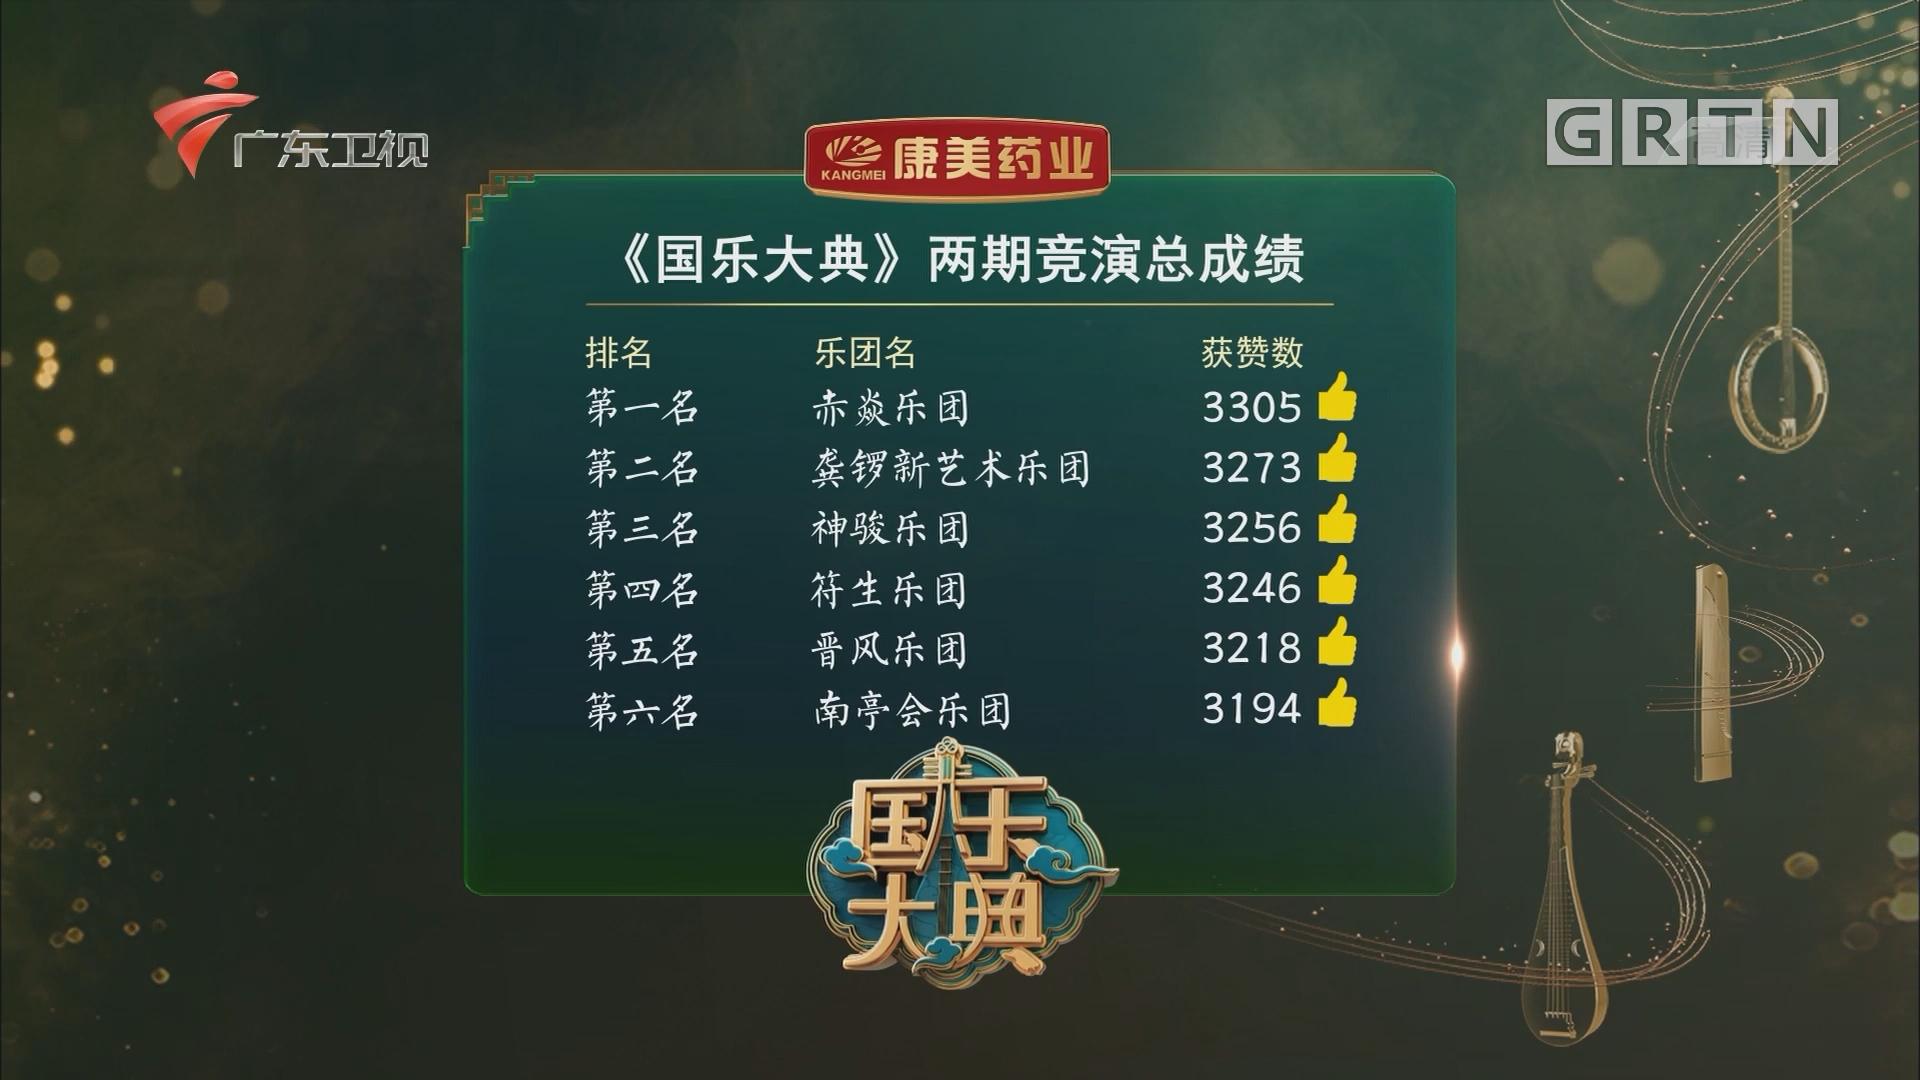 第八期竞演排名公布